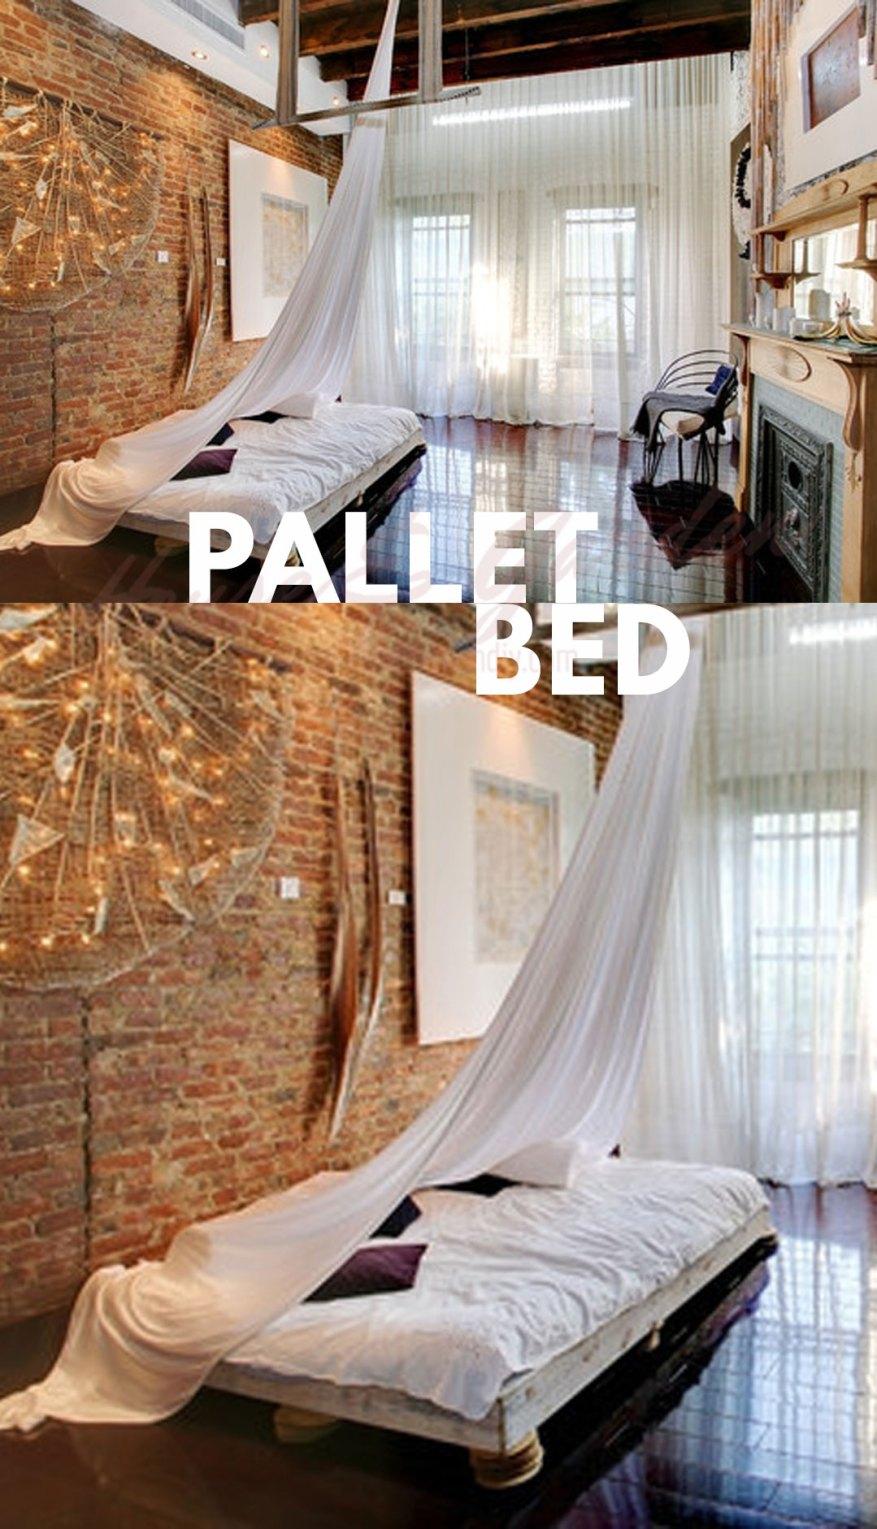 Pallet Bedroom Ideas on Bedroom Pallet Ideas  id=85113